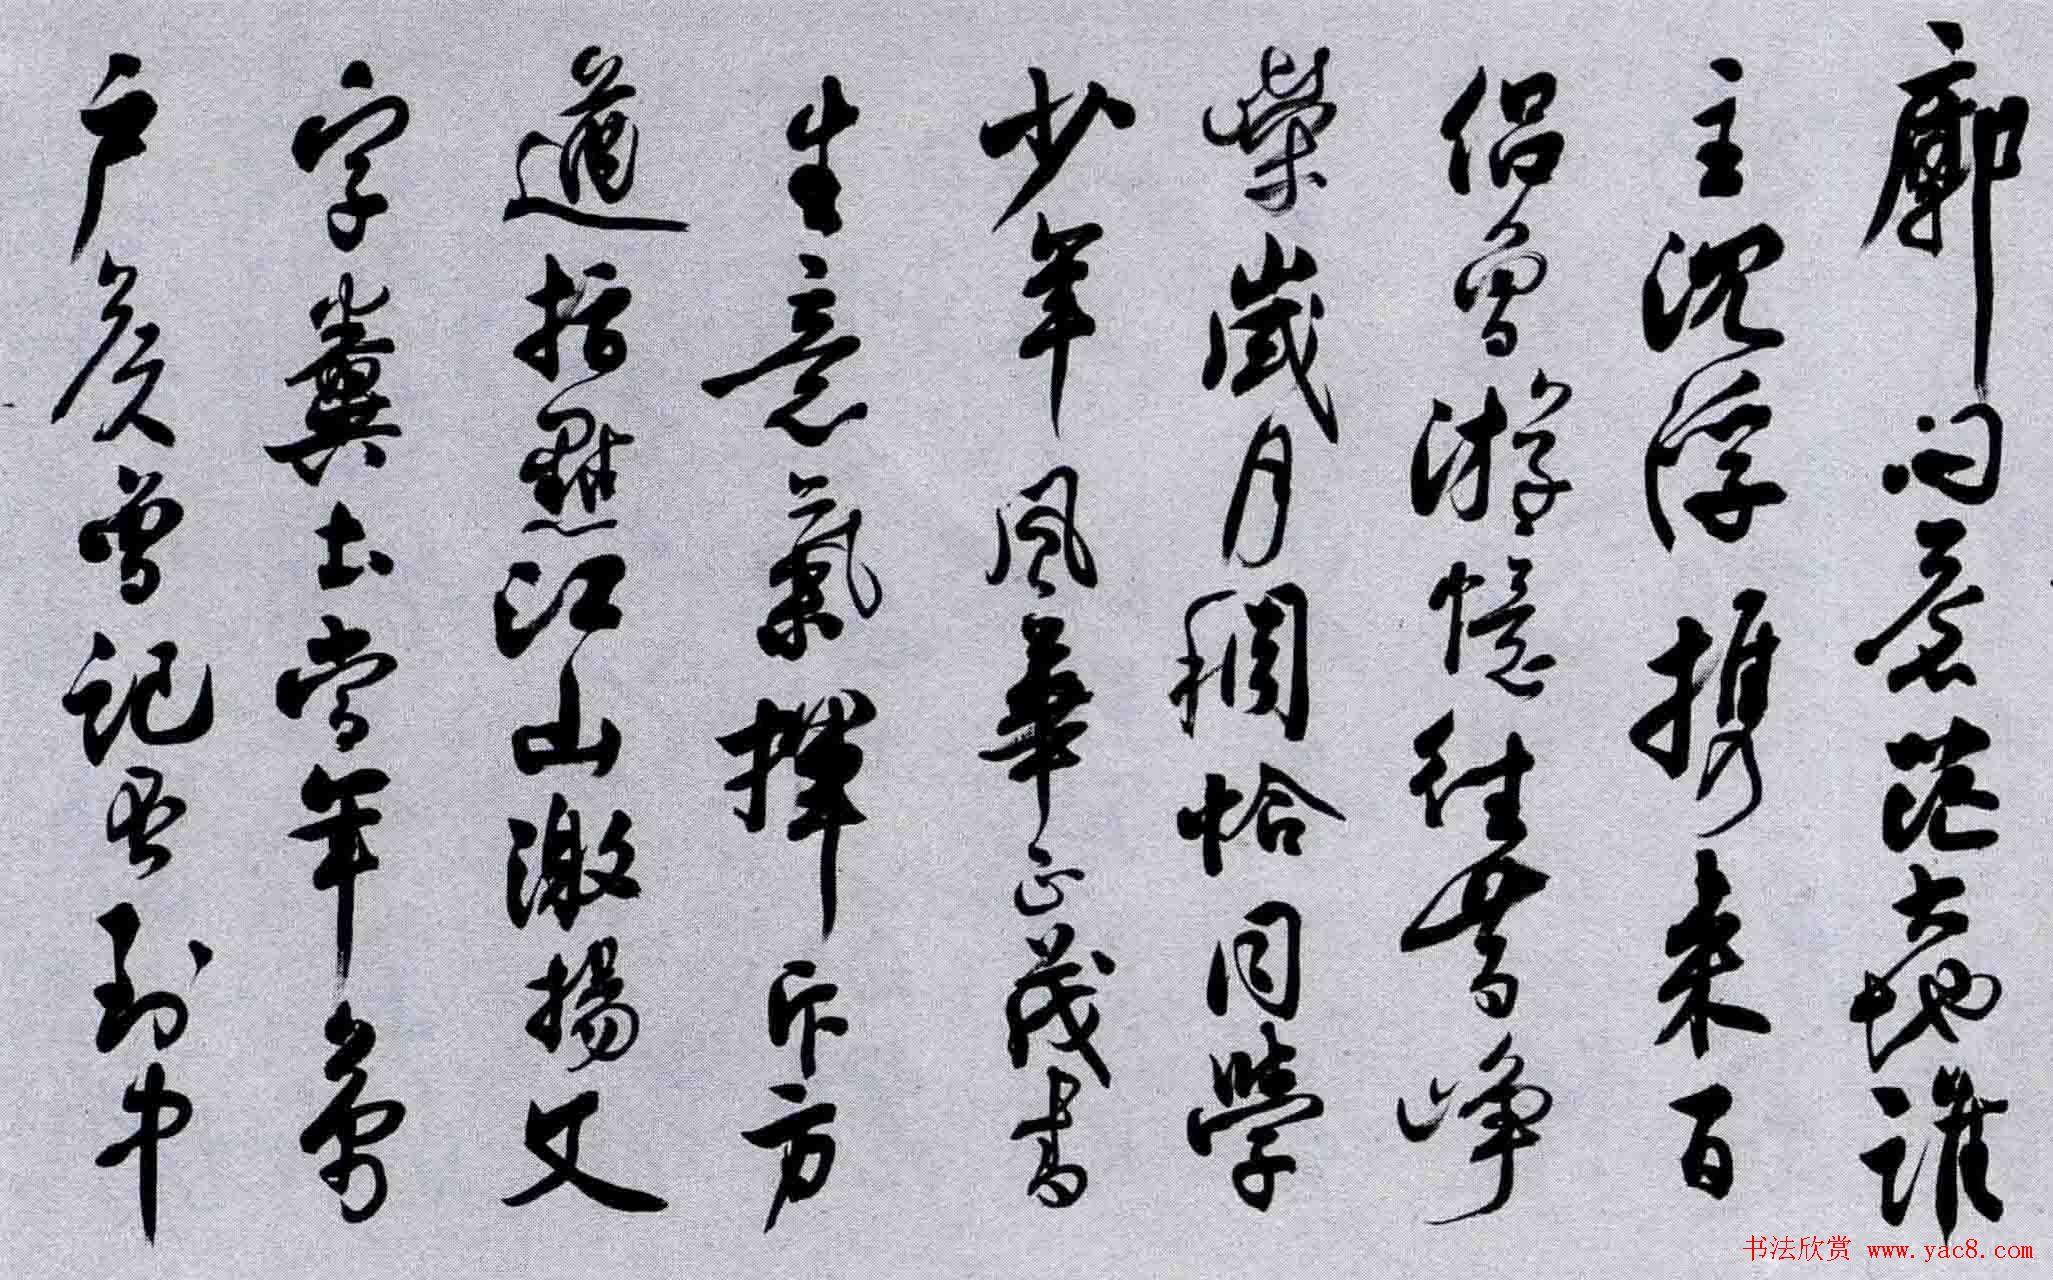 沈尹默行书作品欣赏 毛泽东沁园春词卷